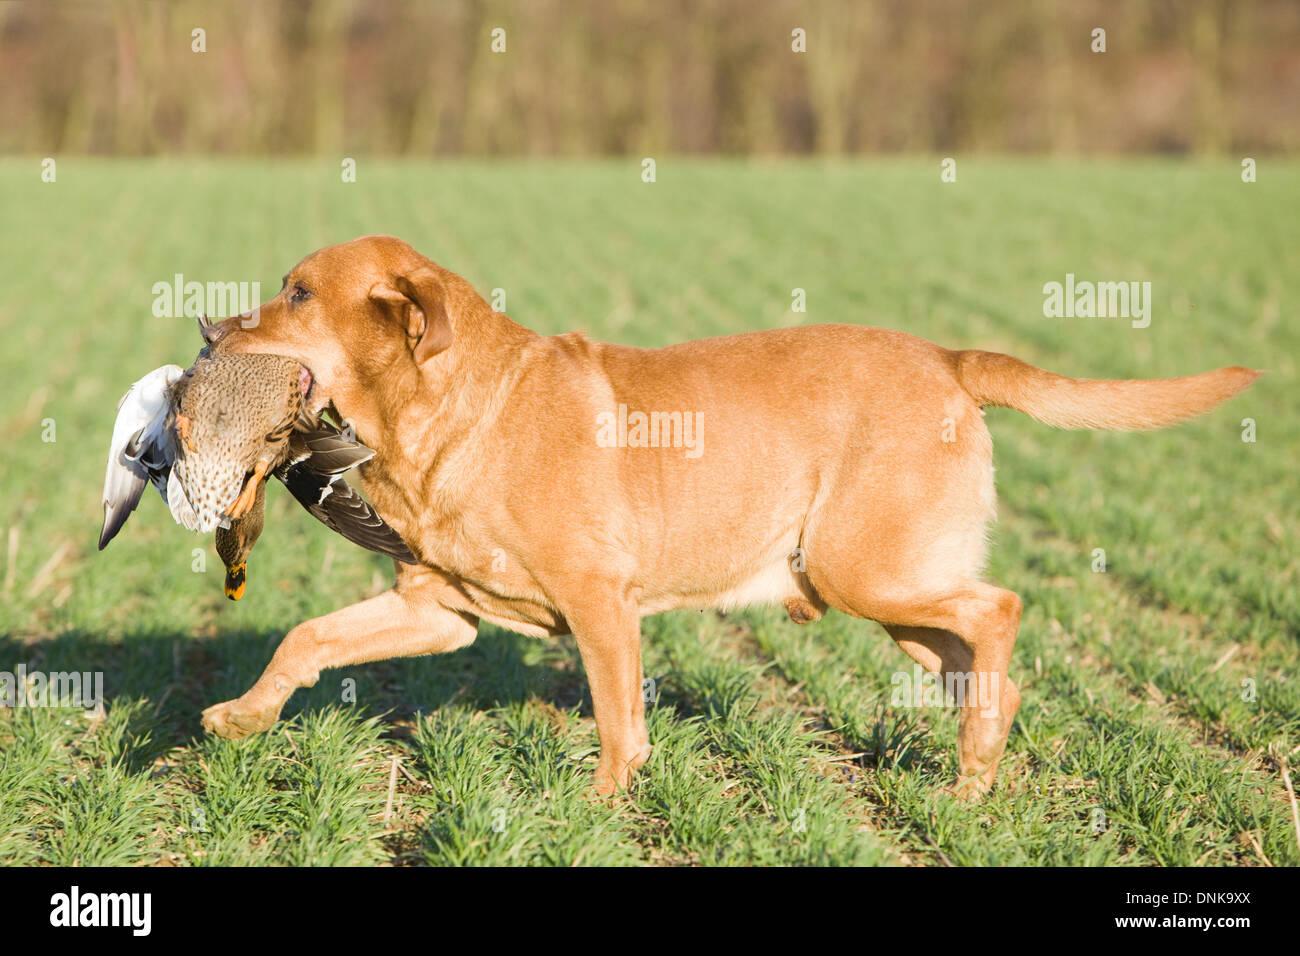 A Golden Labrador Retriever retrieving a duck on a shoot in England - Stock Image